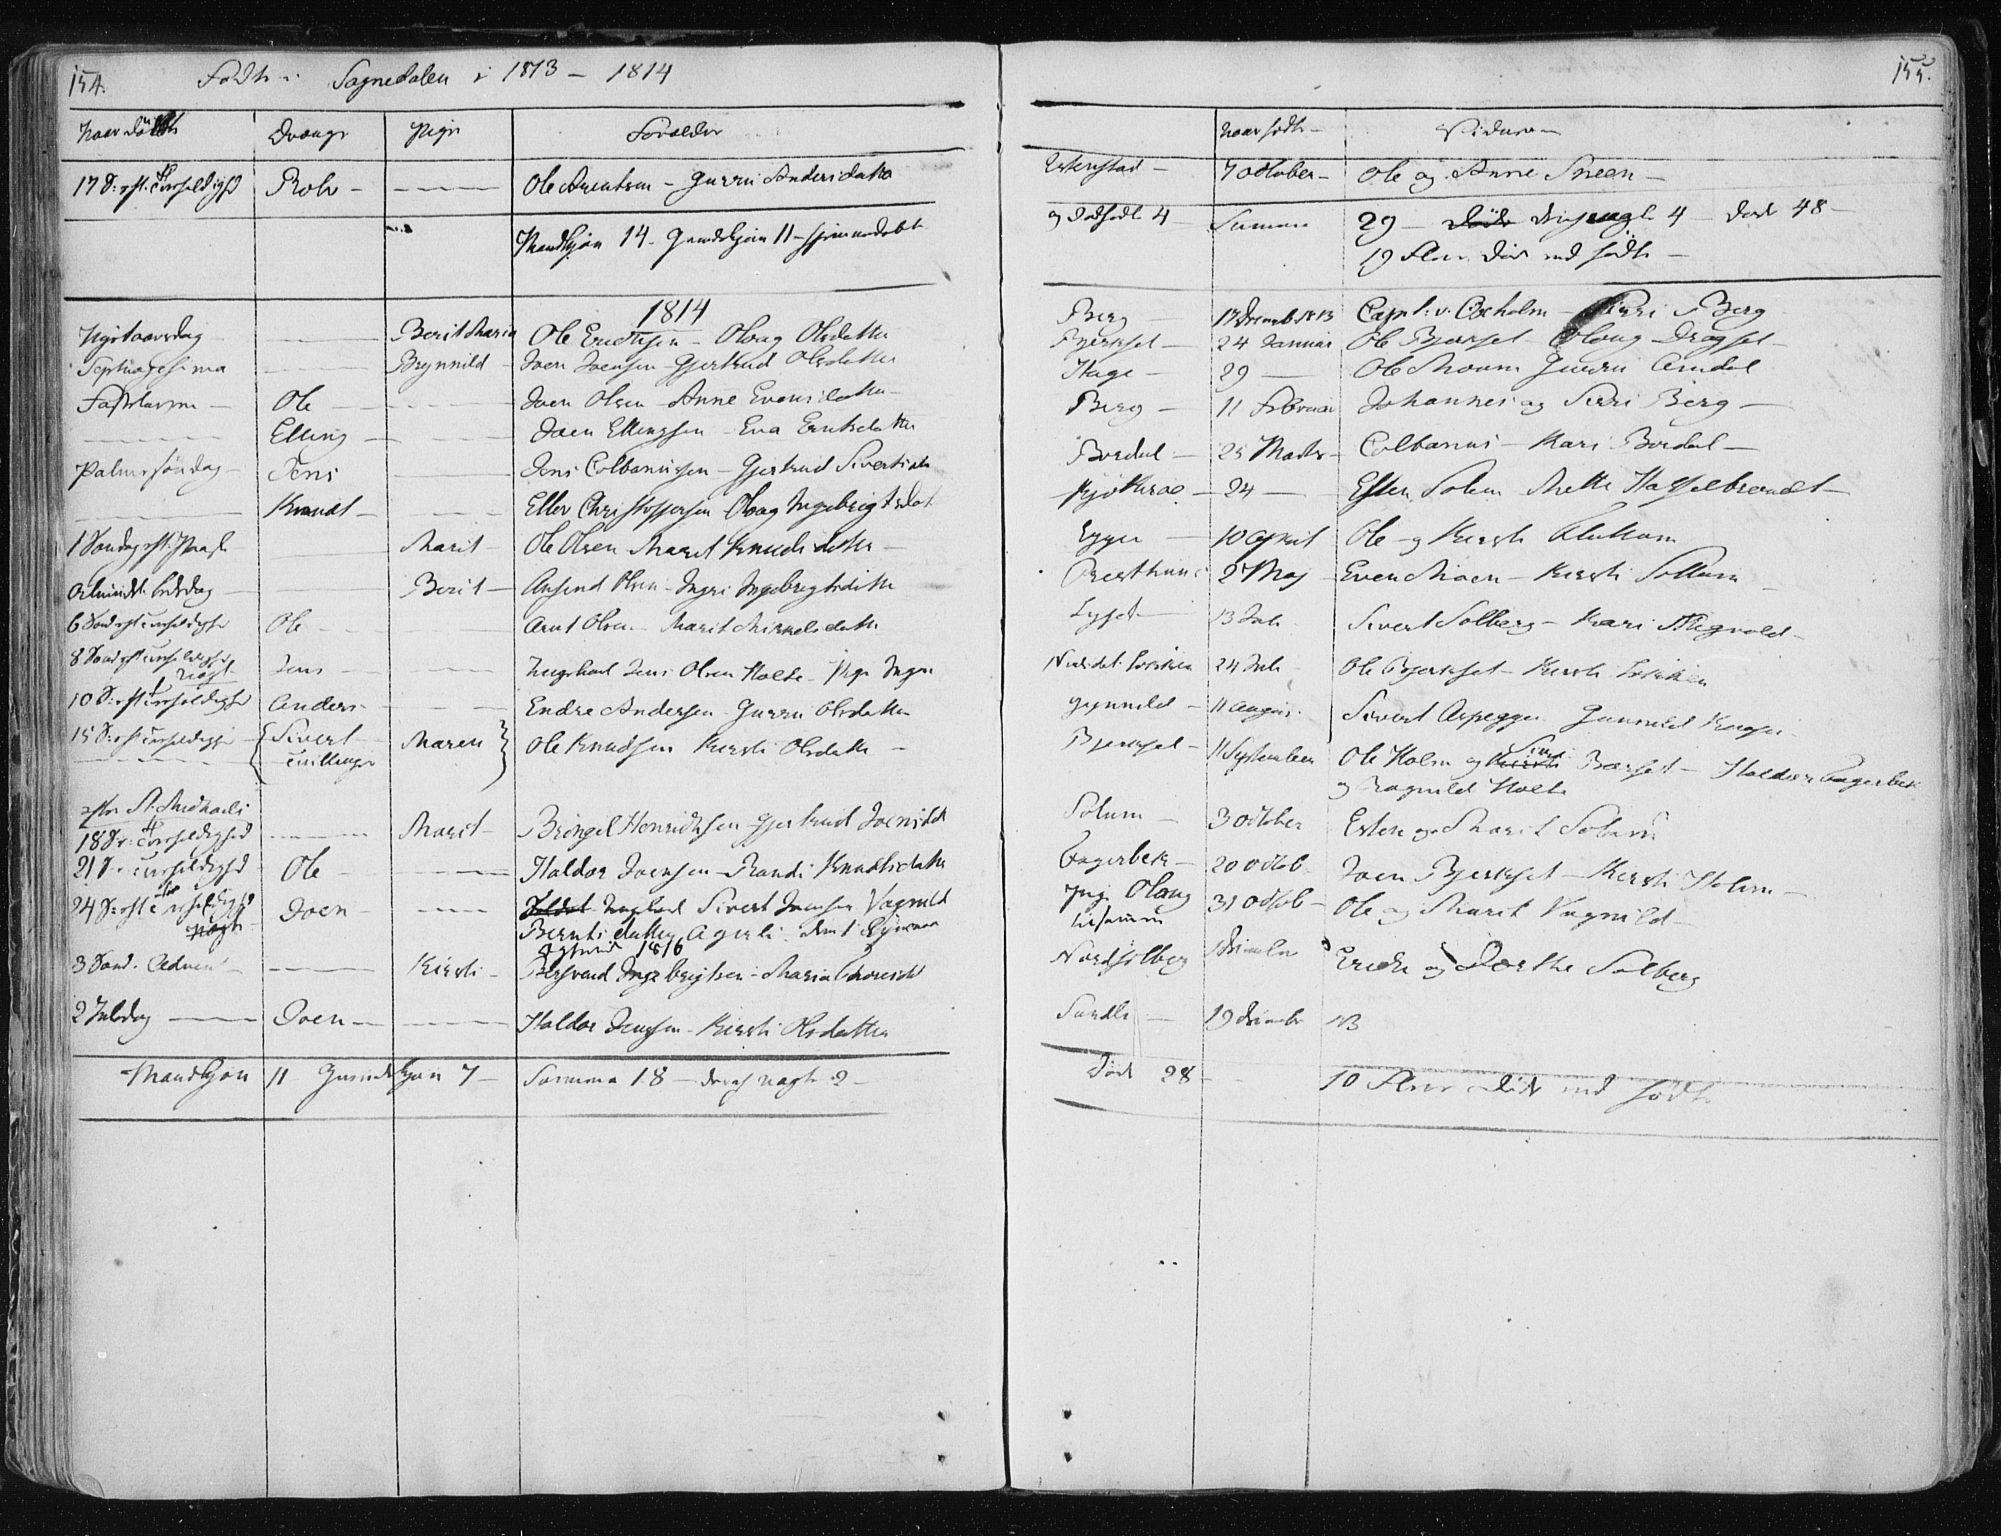 SAT, Ministerialprotokoller, klokkerbøker og fødselsregistre - Sør-Trøndelag, 687/L0994: Ministerialbok nr. 687A03 /3, 1788-1815, s. 154-155